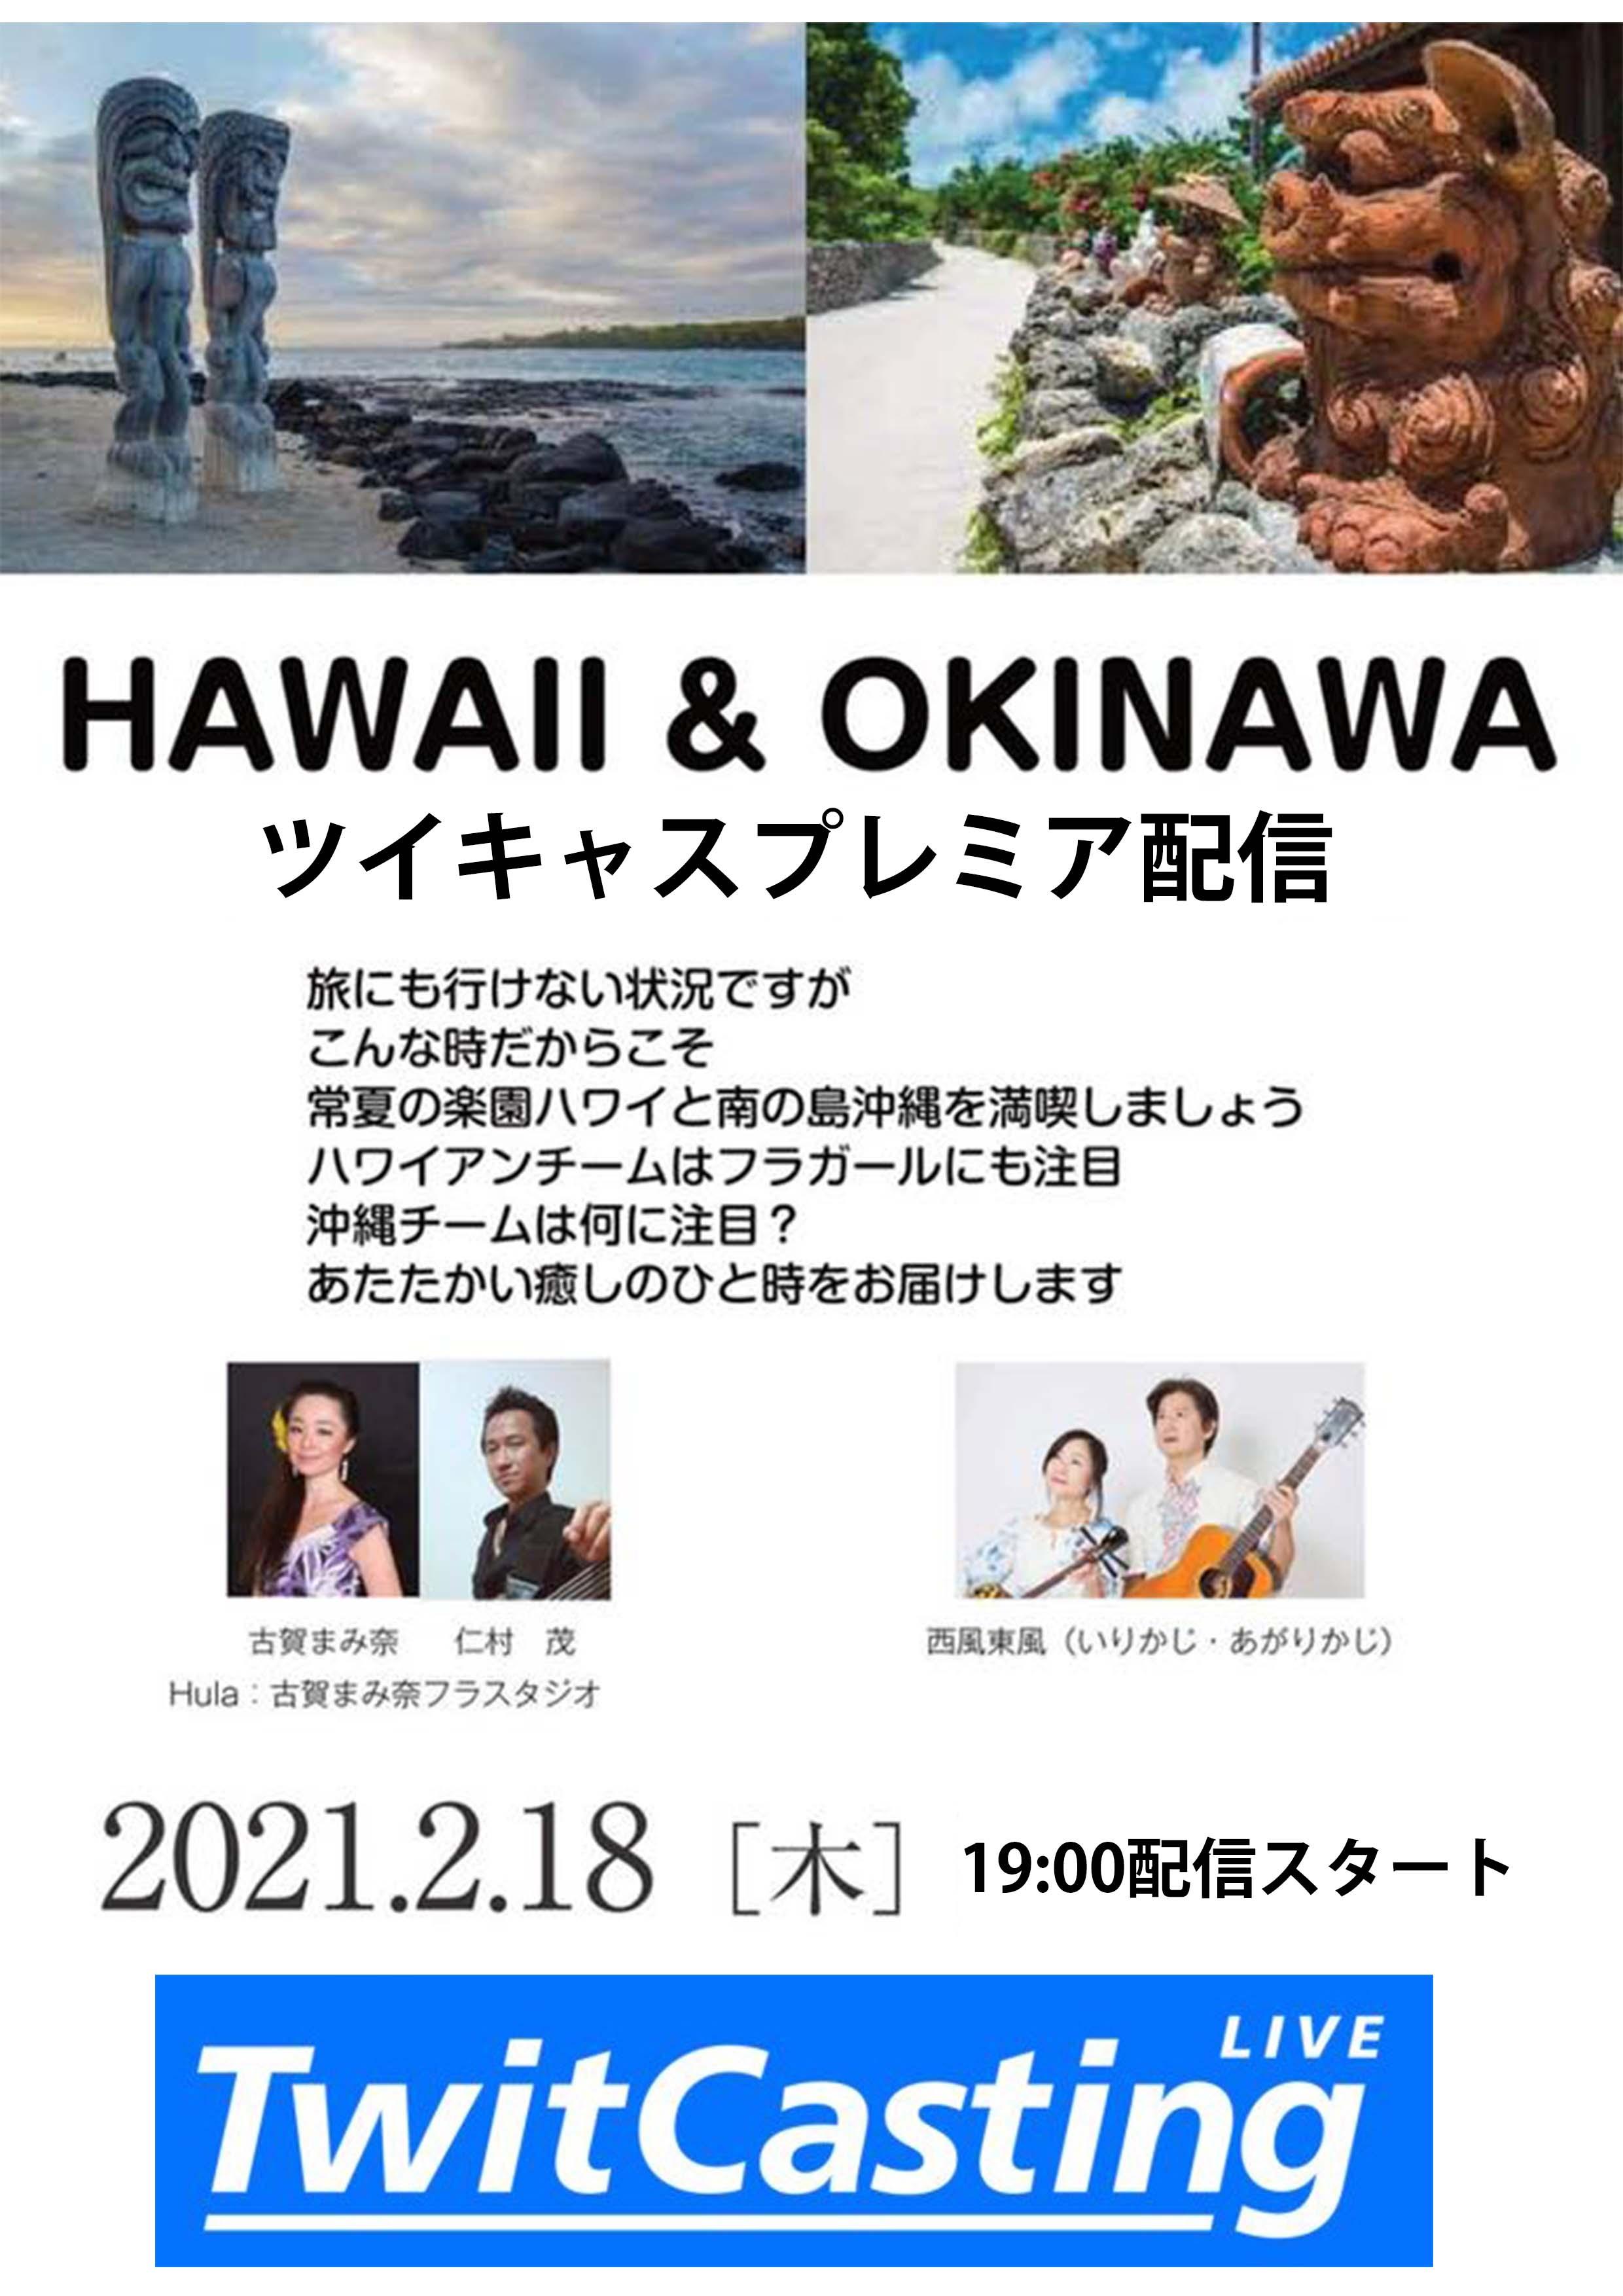 【無観客配信】HAWAII&OKINAWA コラボ  ツイキャスプレミア配信